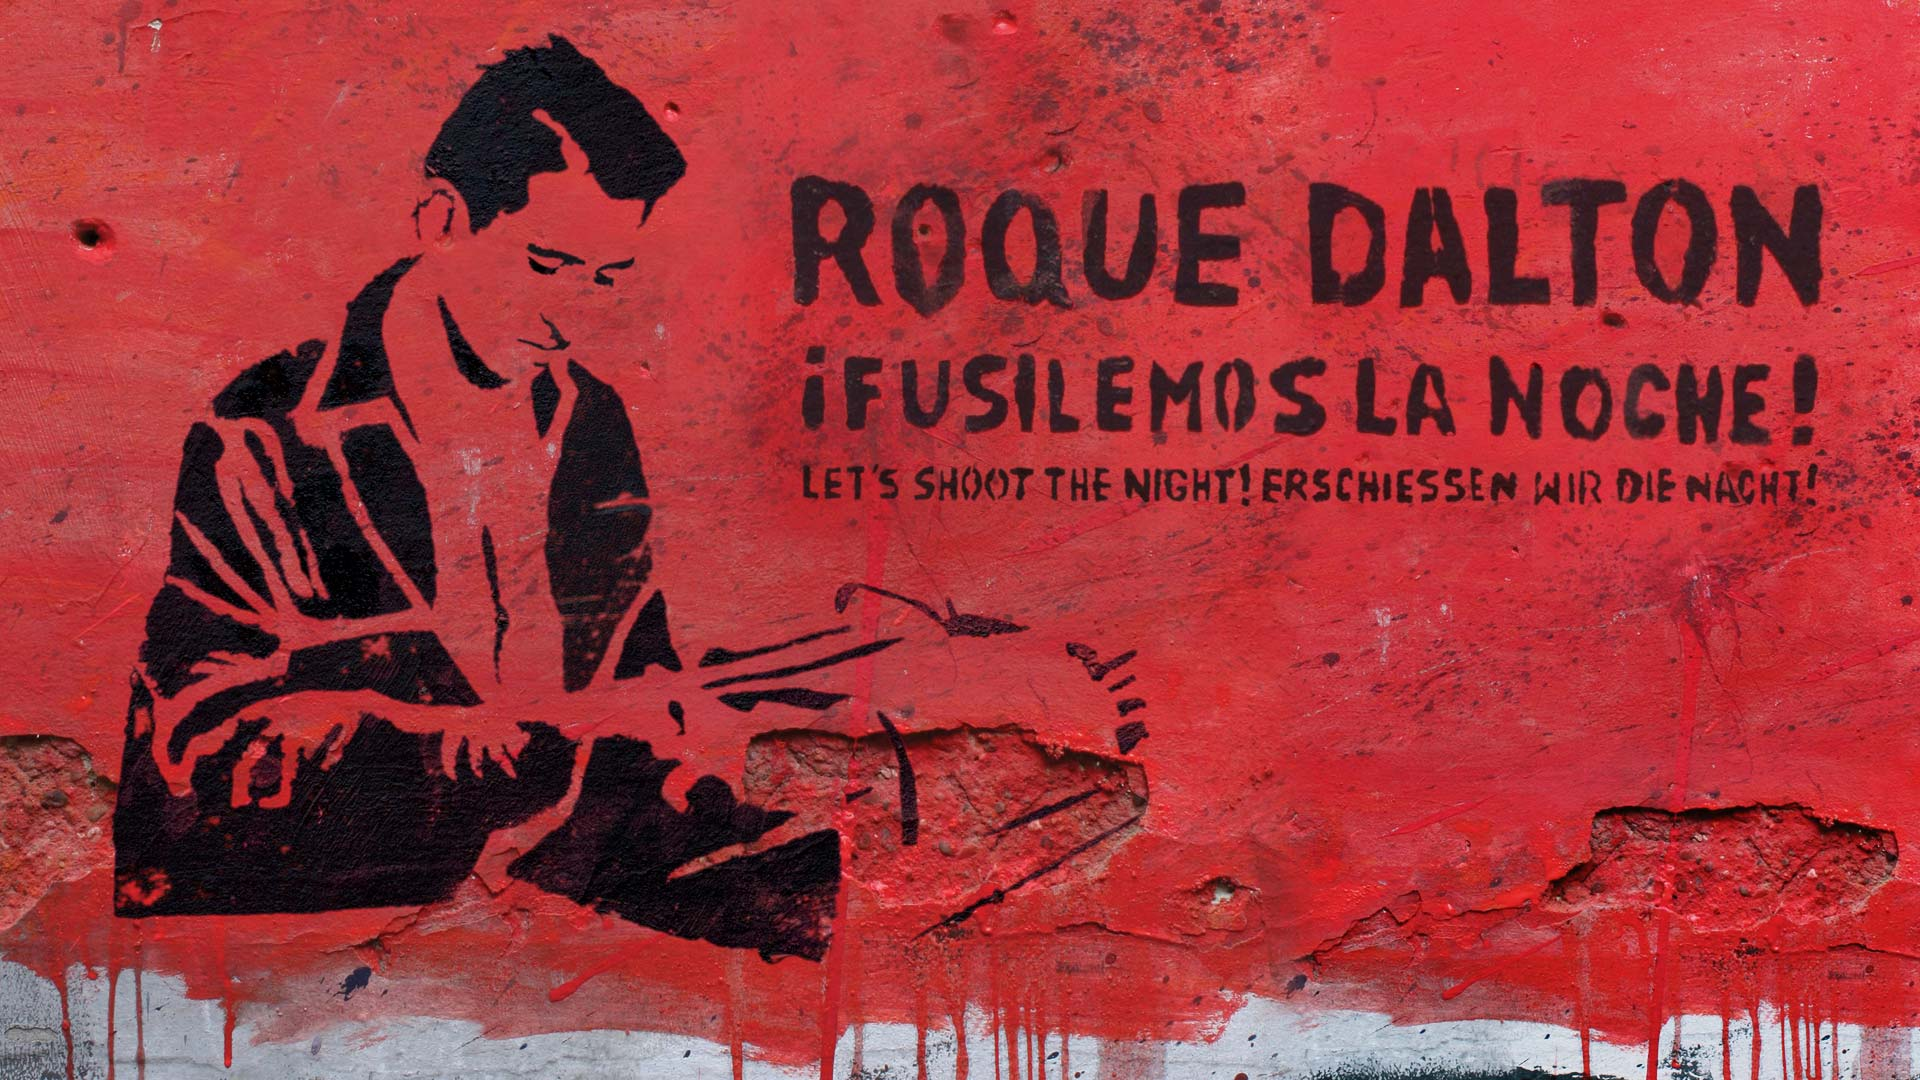 Roque Dalton - image